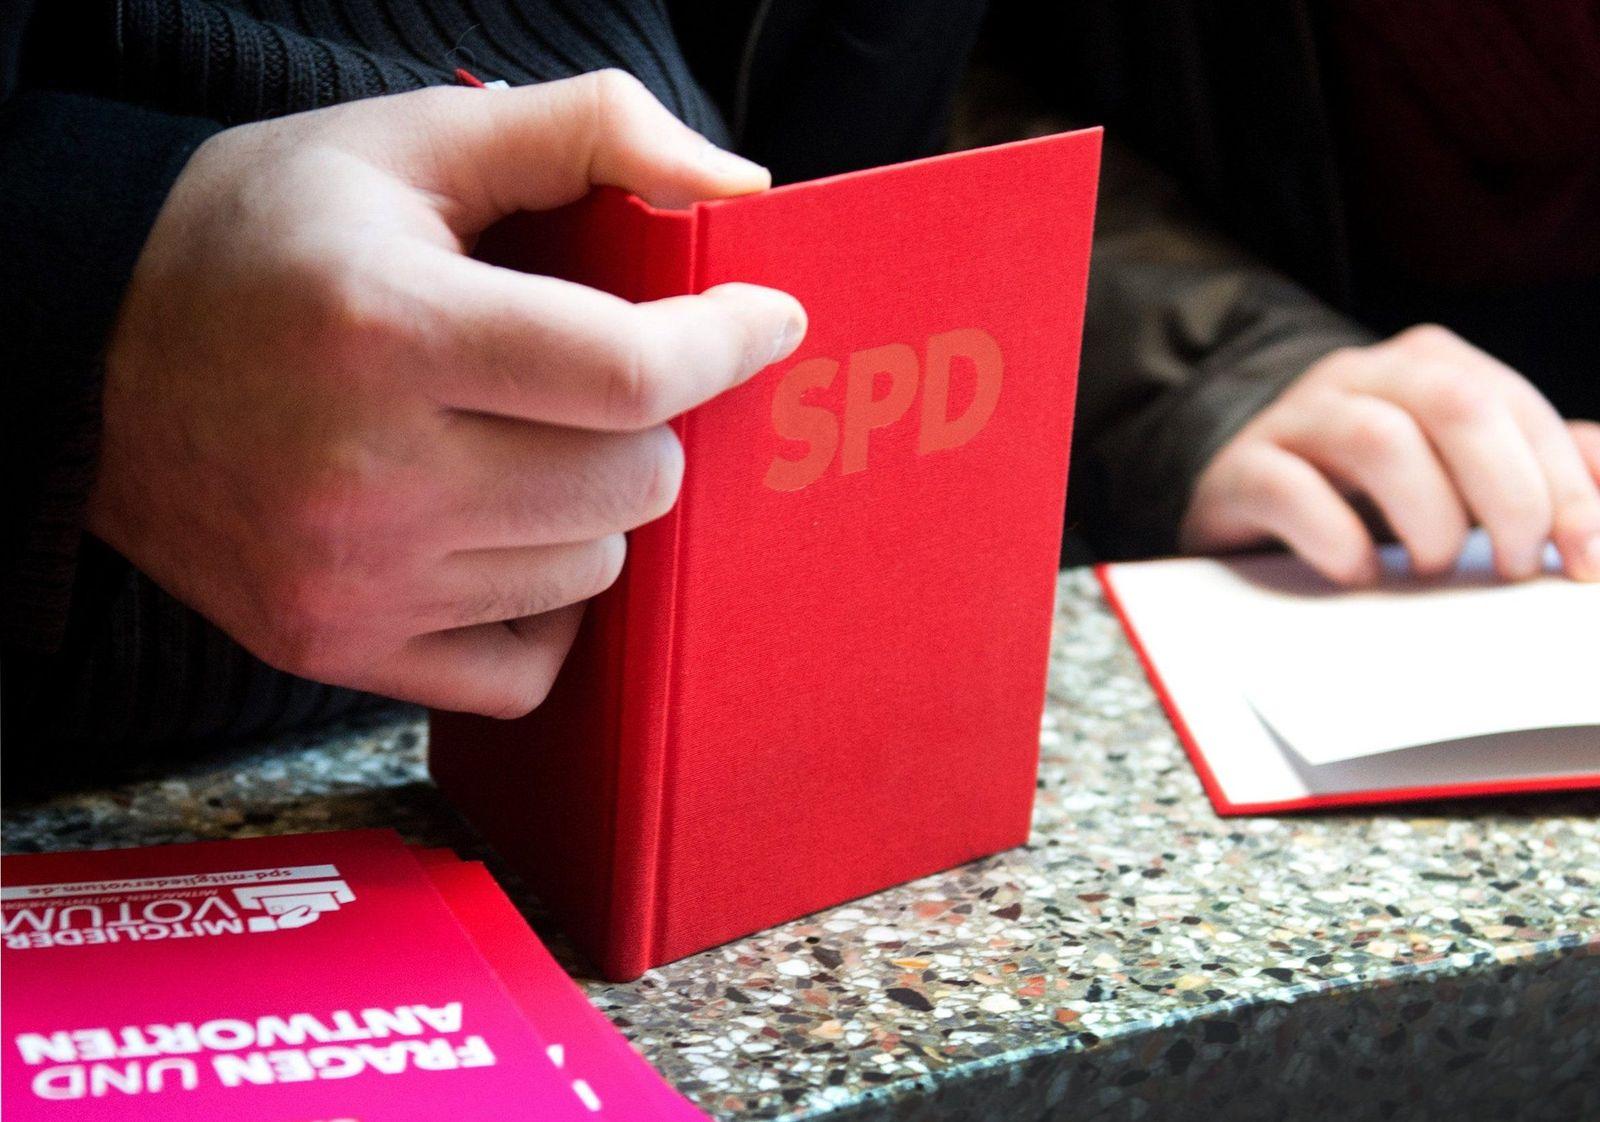 SPD/ Parteibuch